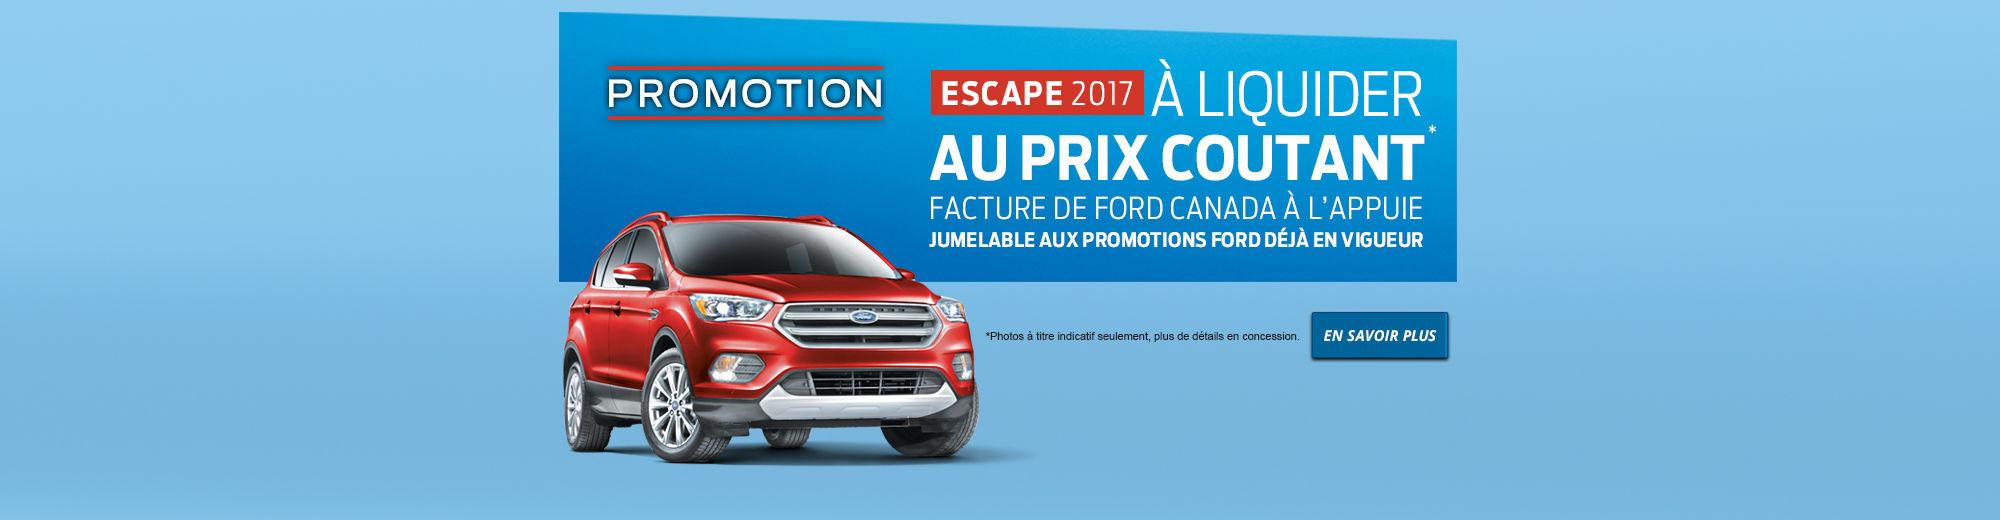 Promotion - Escape 2017